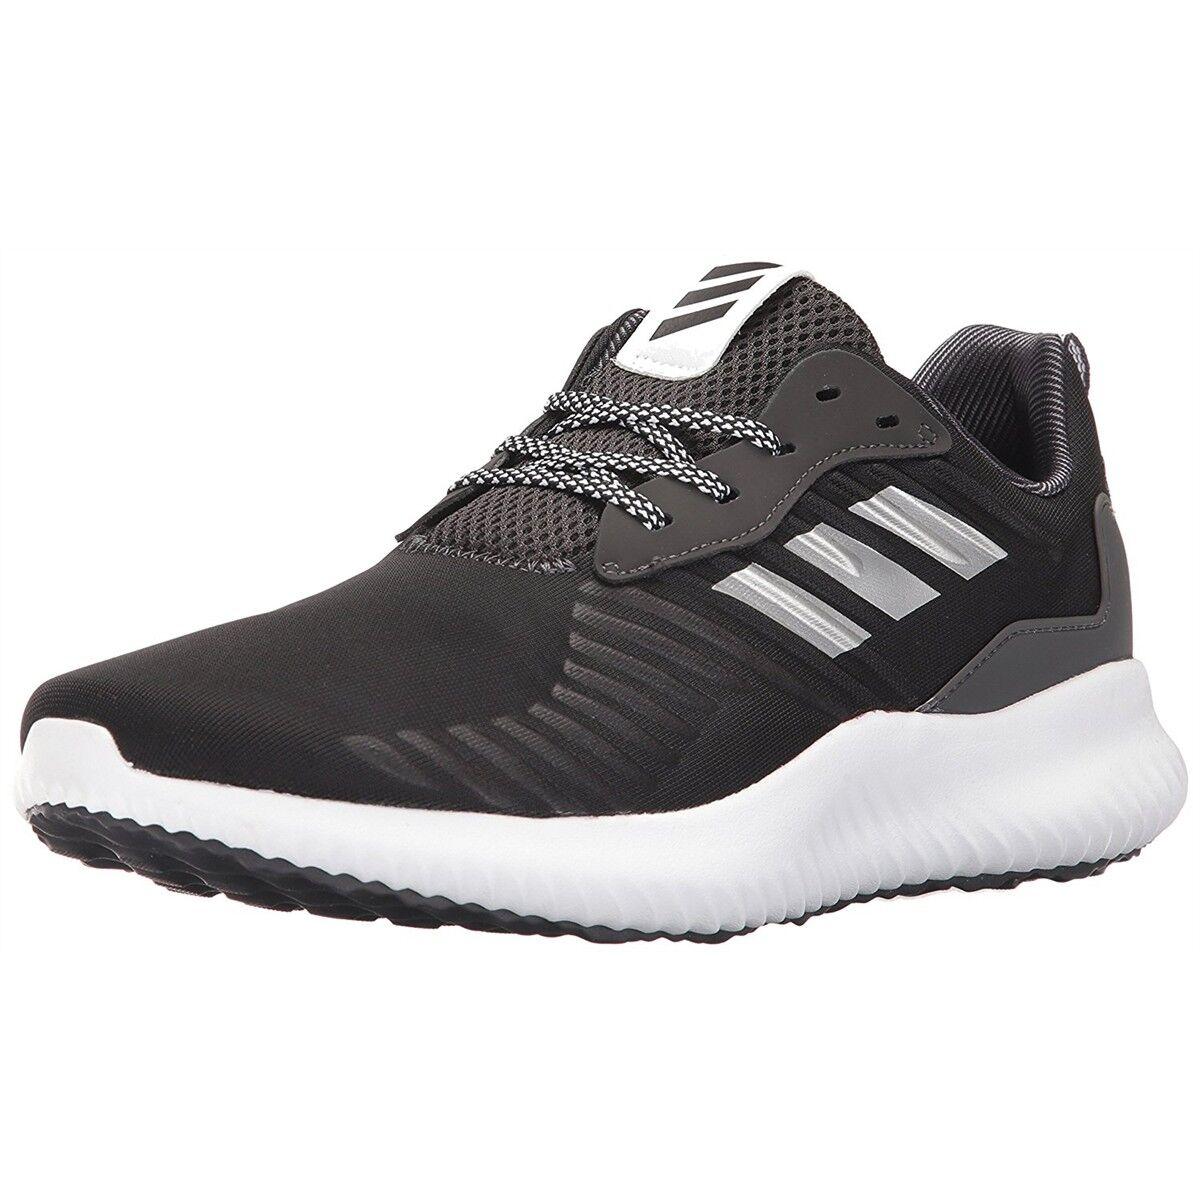 Adidas männer ist schuhe sportlich alphabounce laufen neue schuhe ist turnschuhe cross - training 42f52e